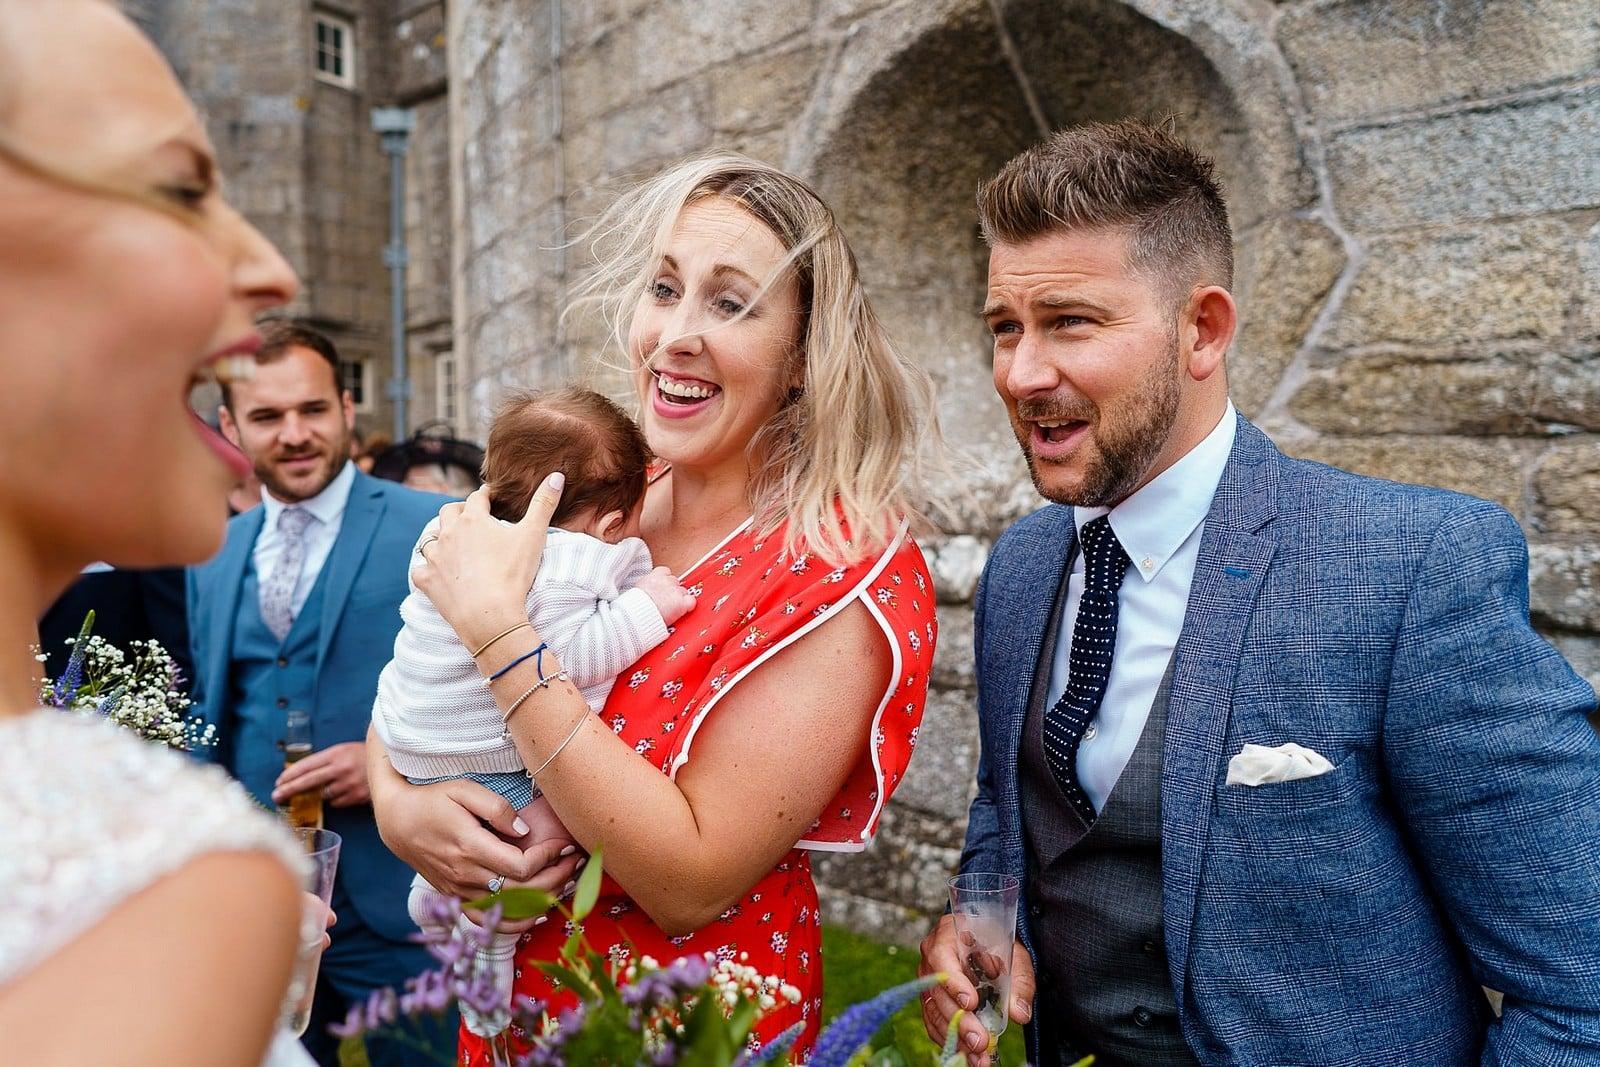 Happy wedding guests at a Pendennis Castle wedding